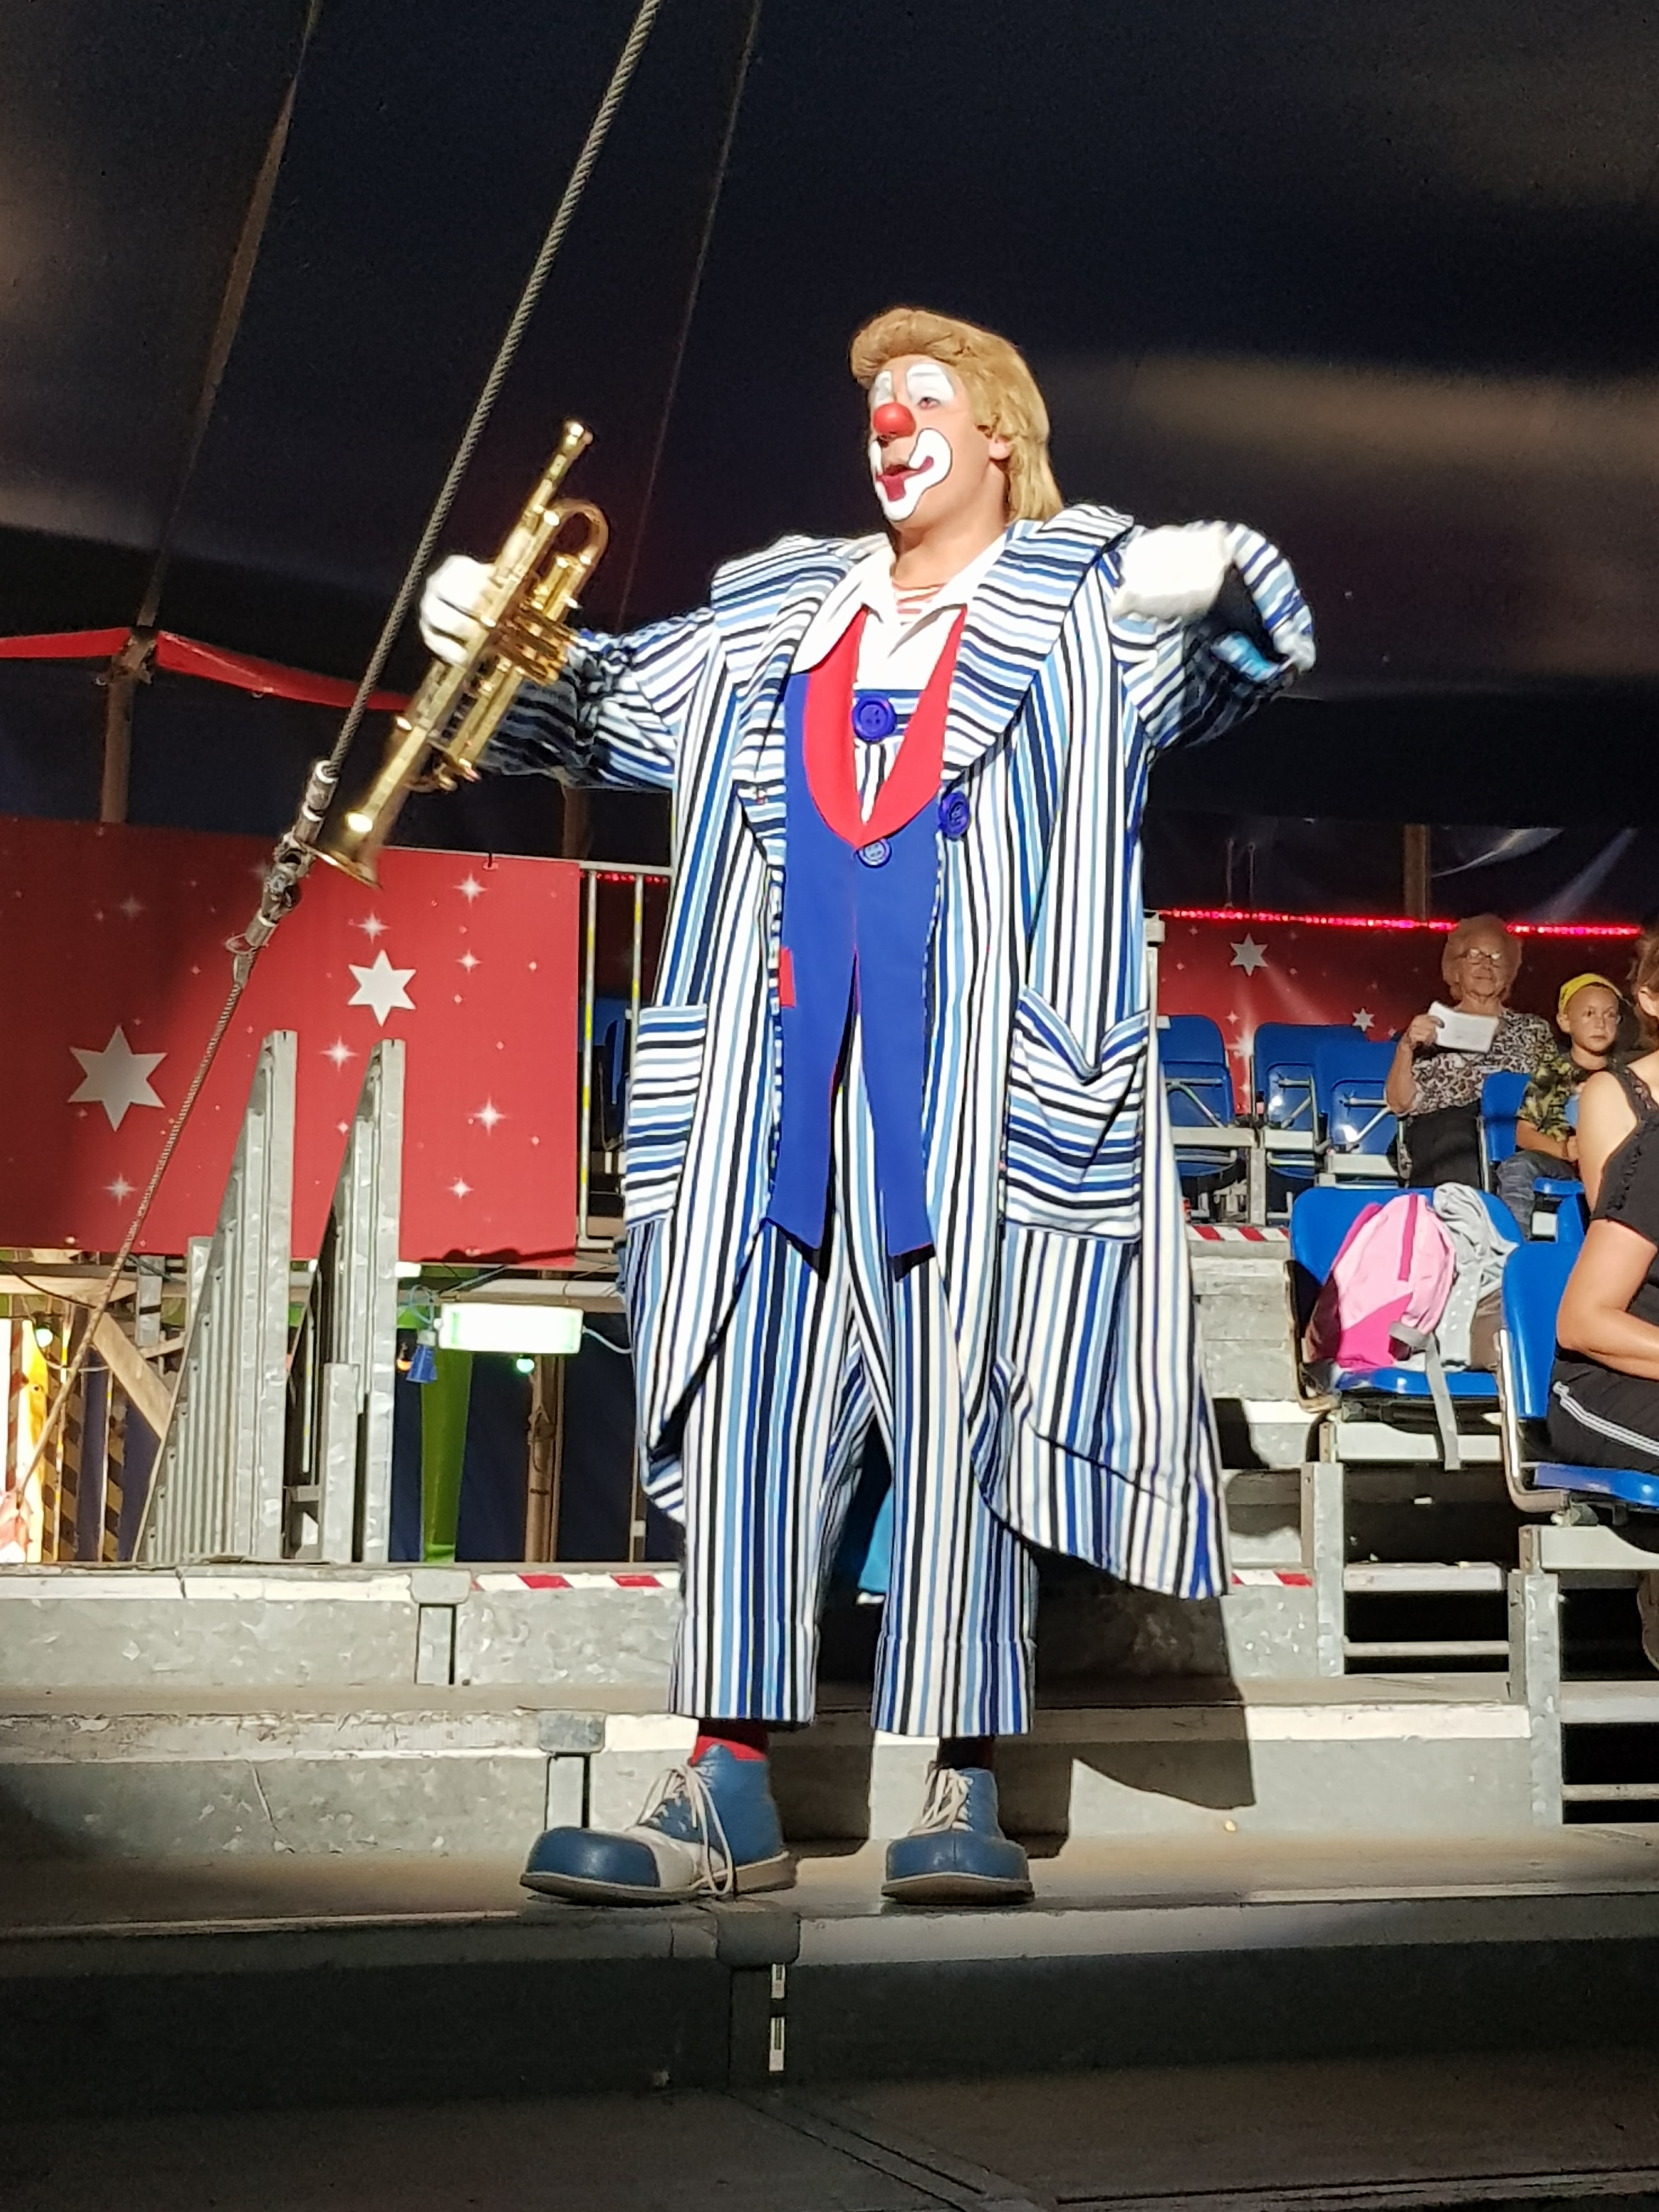 Festival international du Cirque de Corse, un dimanche tout en magie, qui a ravi les petits comme les grands